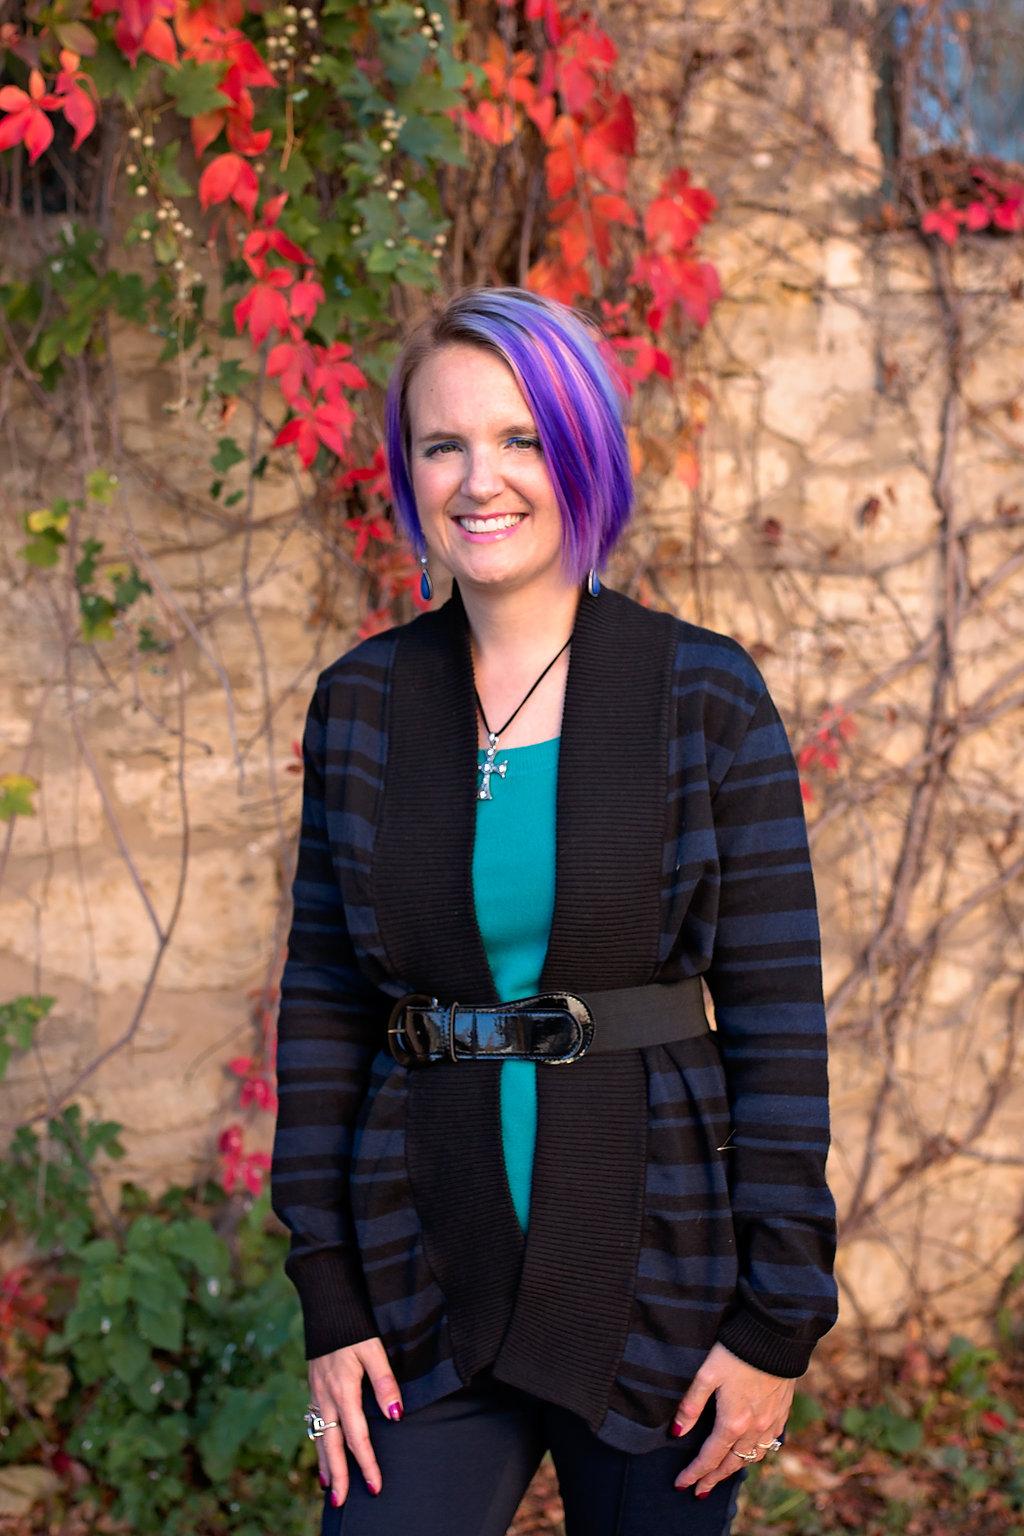 Julie Eklund